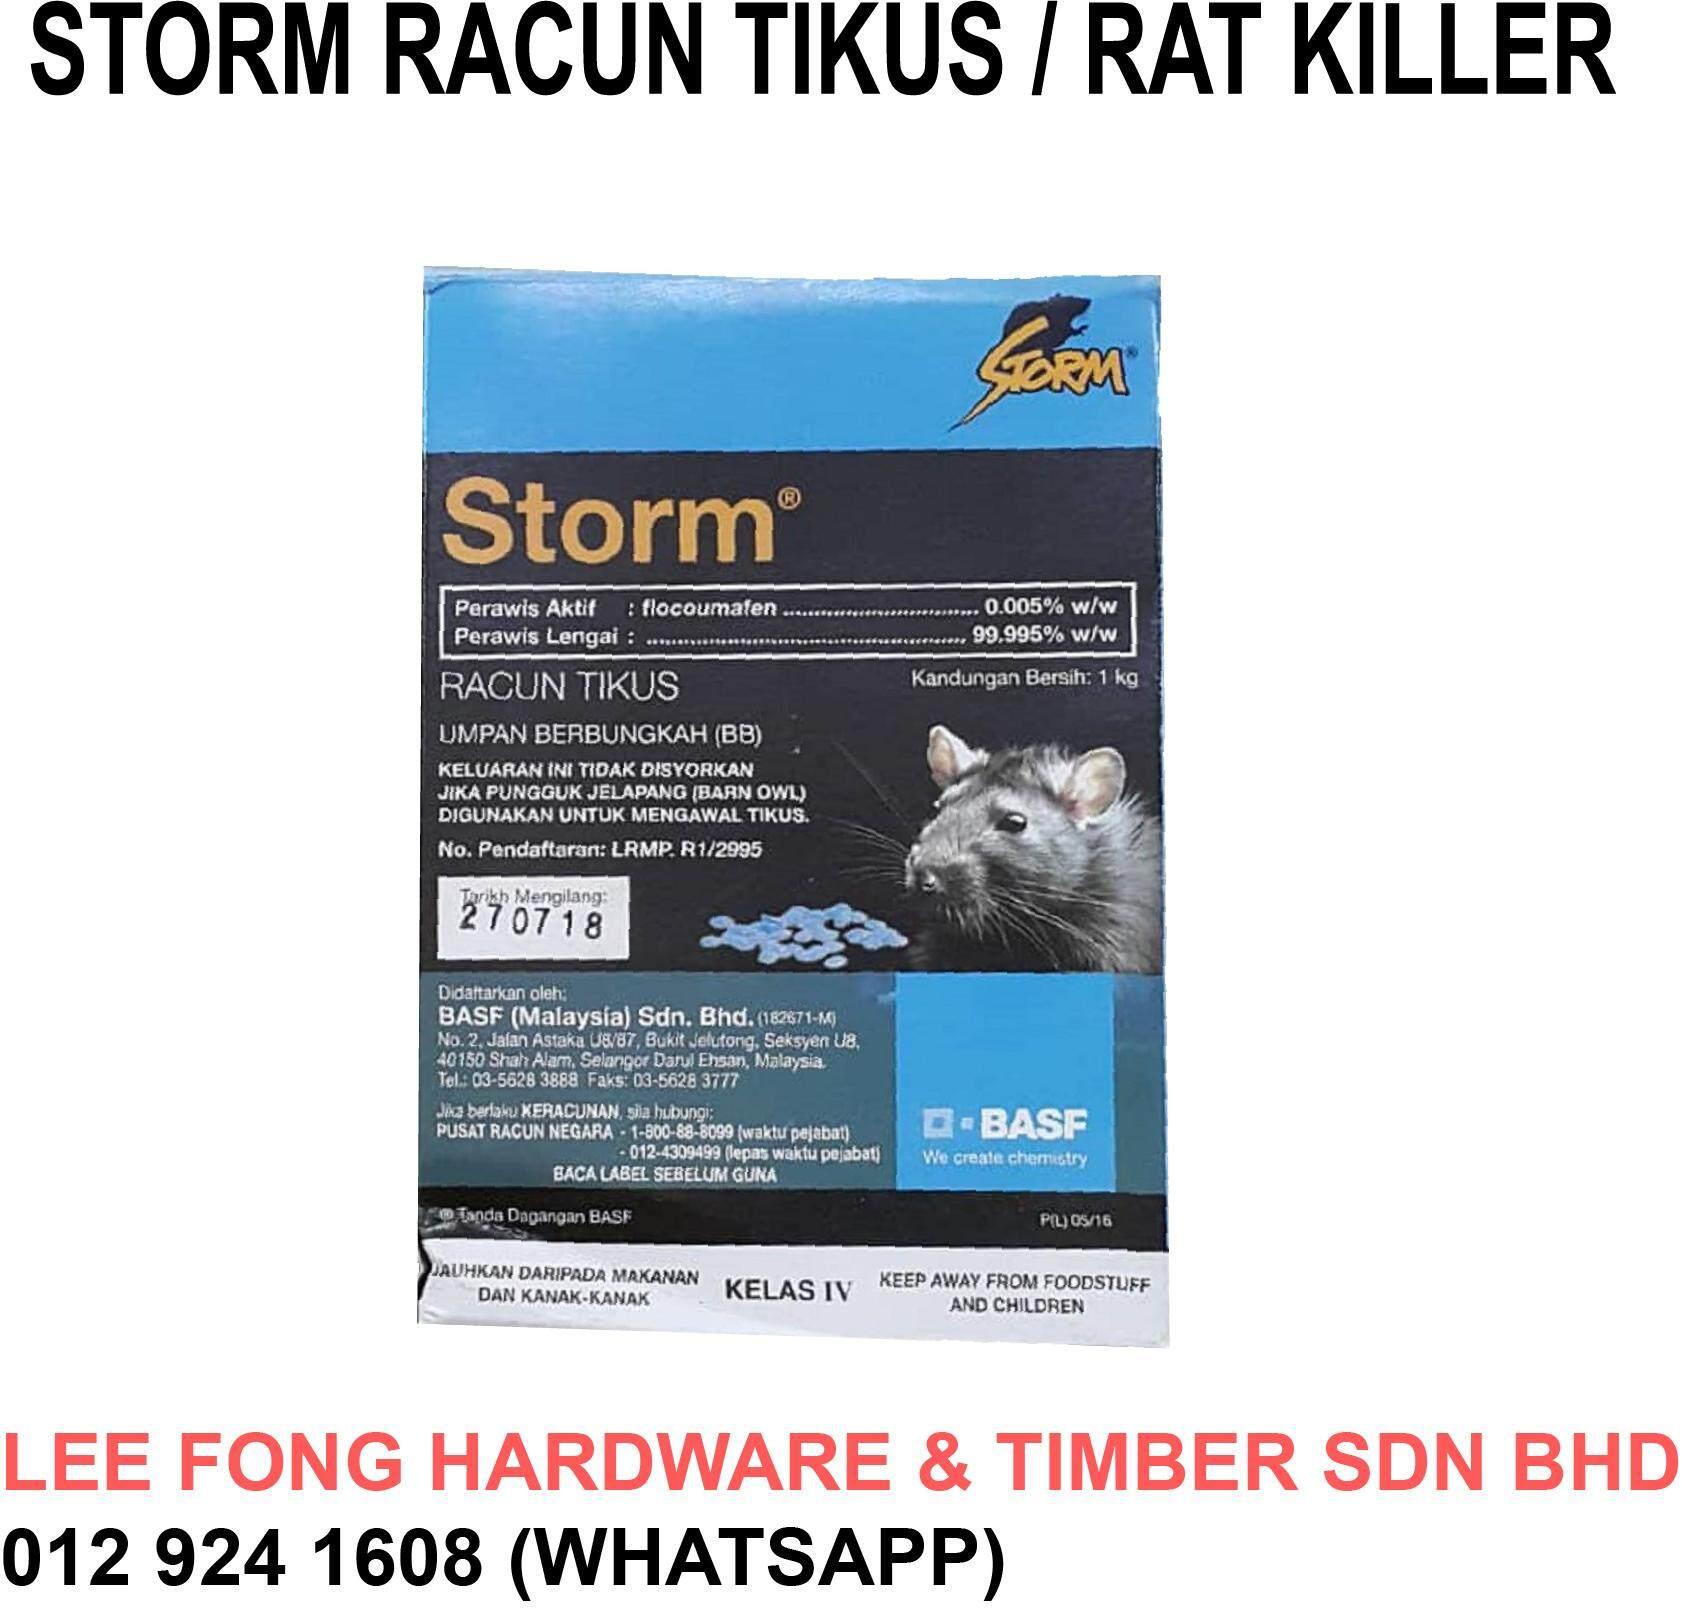 Home Tools Diy Outdoor Buy At Best Tempat Makan Hamster 500ml 250g Racun Tikus Storm Rat Killer 60 Umpan Mati Luar